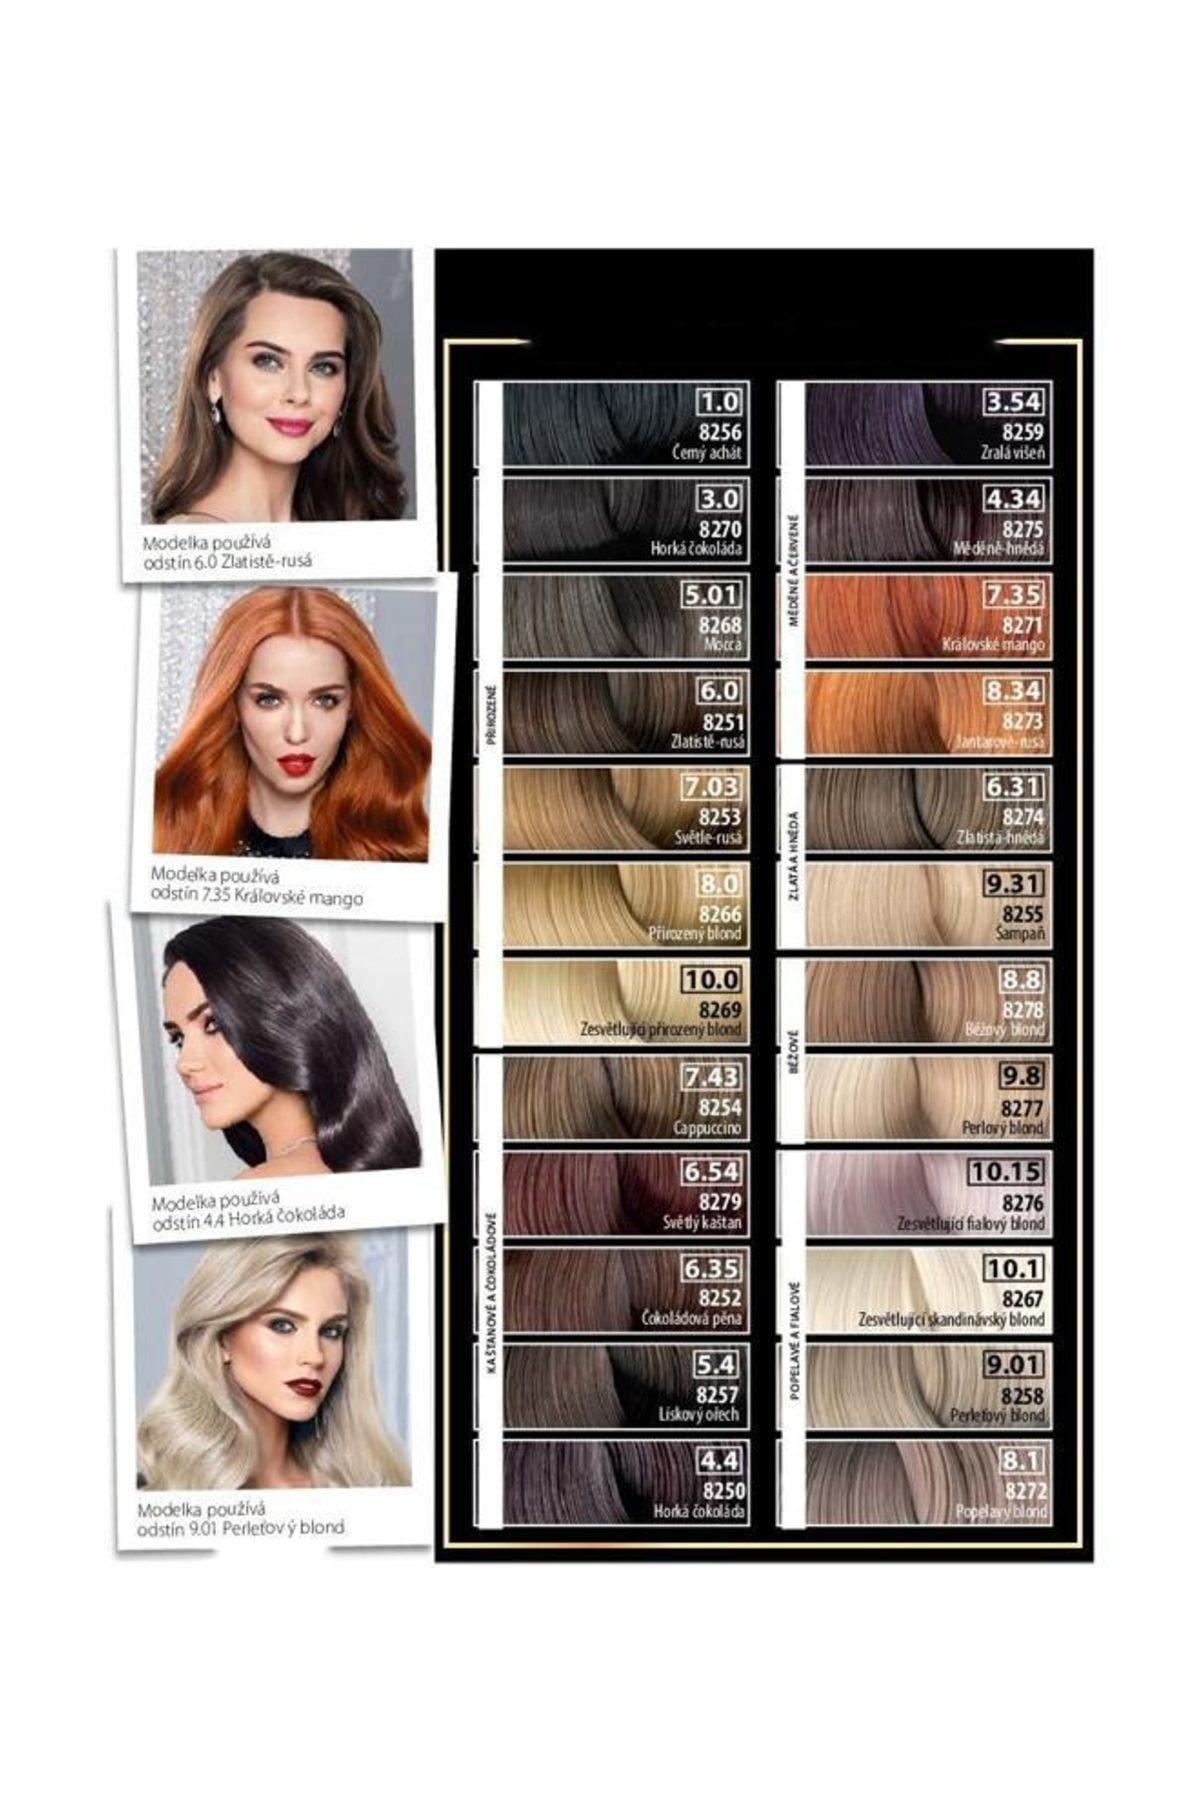 Faberlic Krem Saç Boyası - Salon Care 8259 4690302386665 2